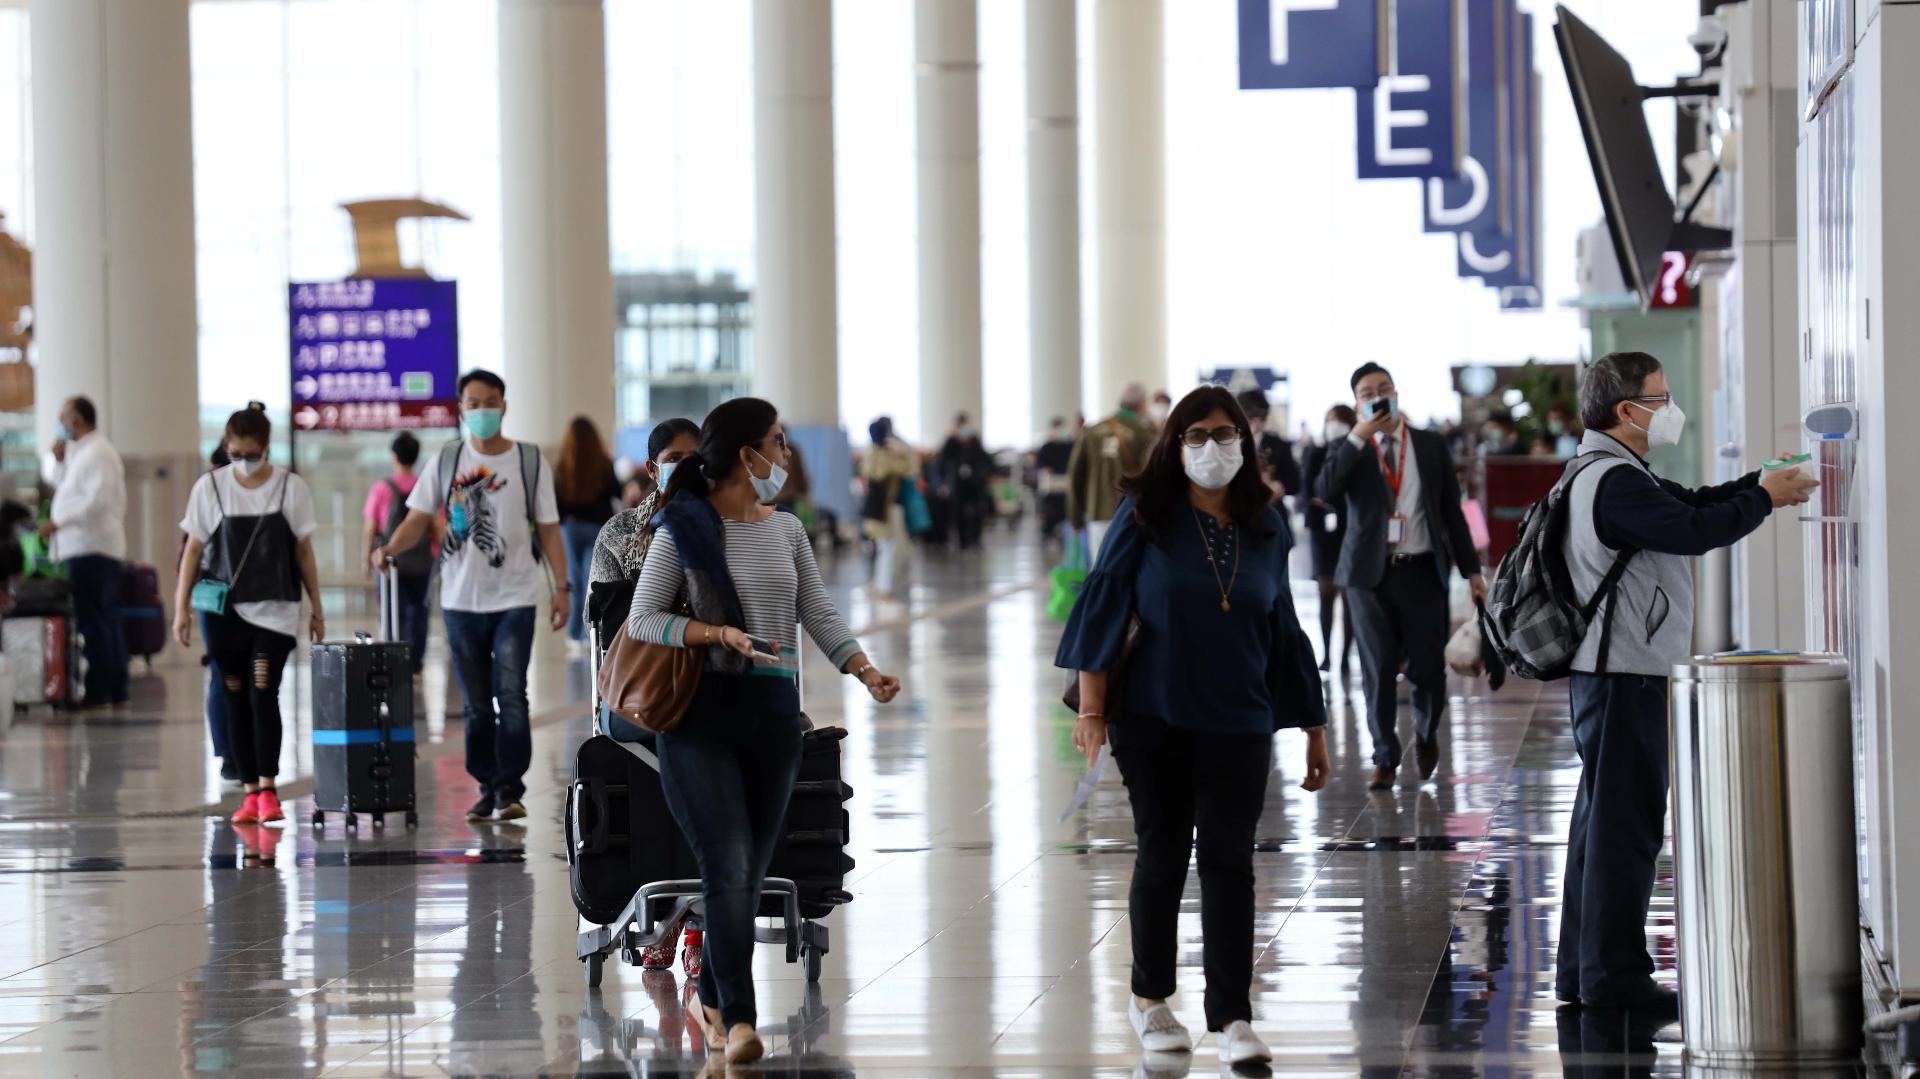 香港輸入個案多 專家指應防止檢疫漏洞